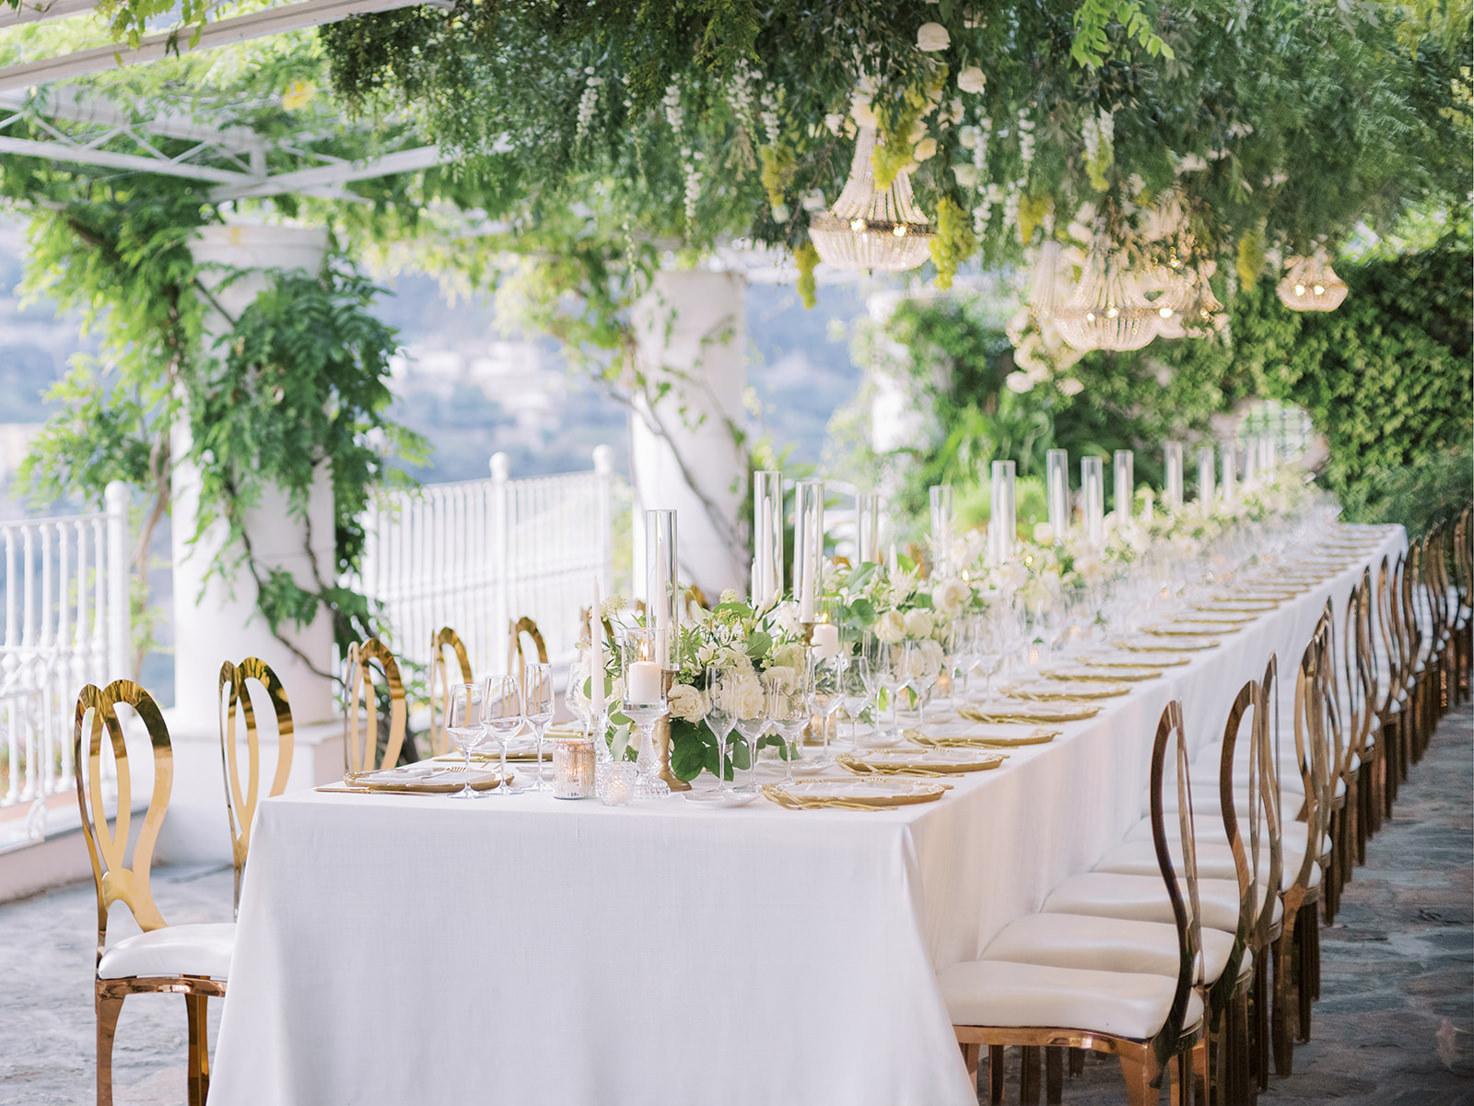 Wedding reception at Villa Oliviero